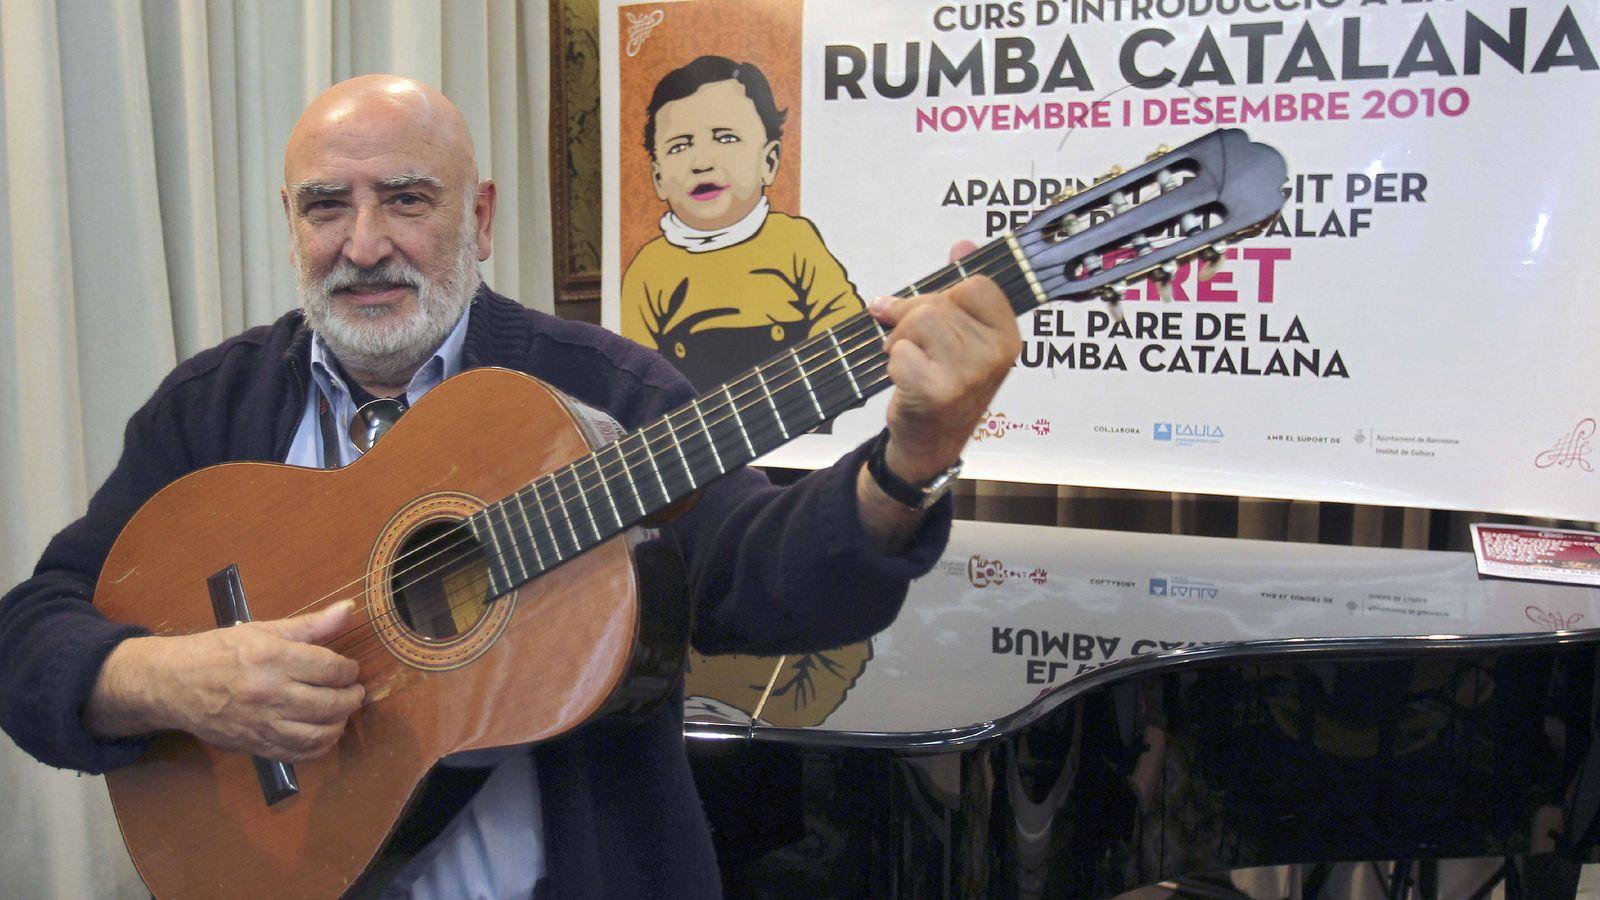 Foto: El padre de la rumba, Pere Pubill Calaf, 'Peret', en 2010. (Efe)